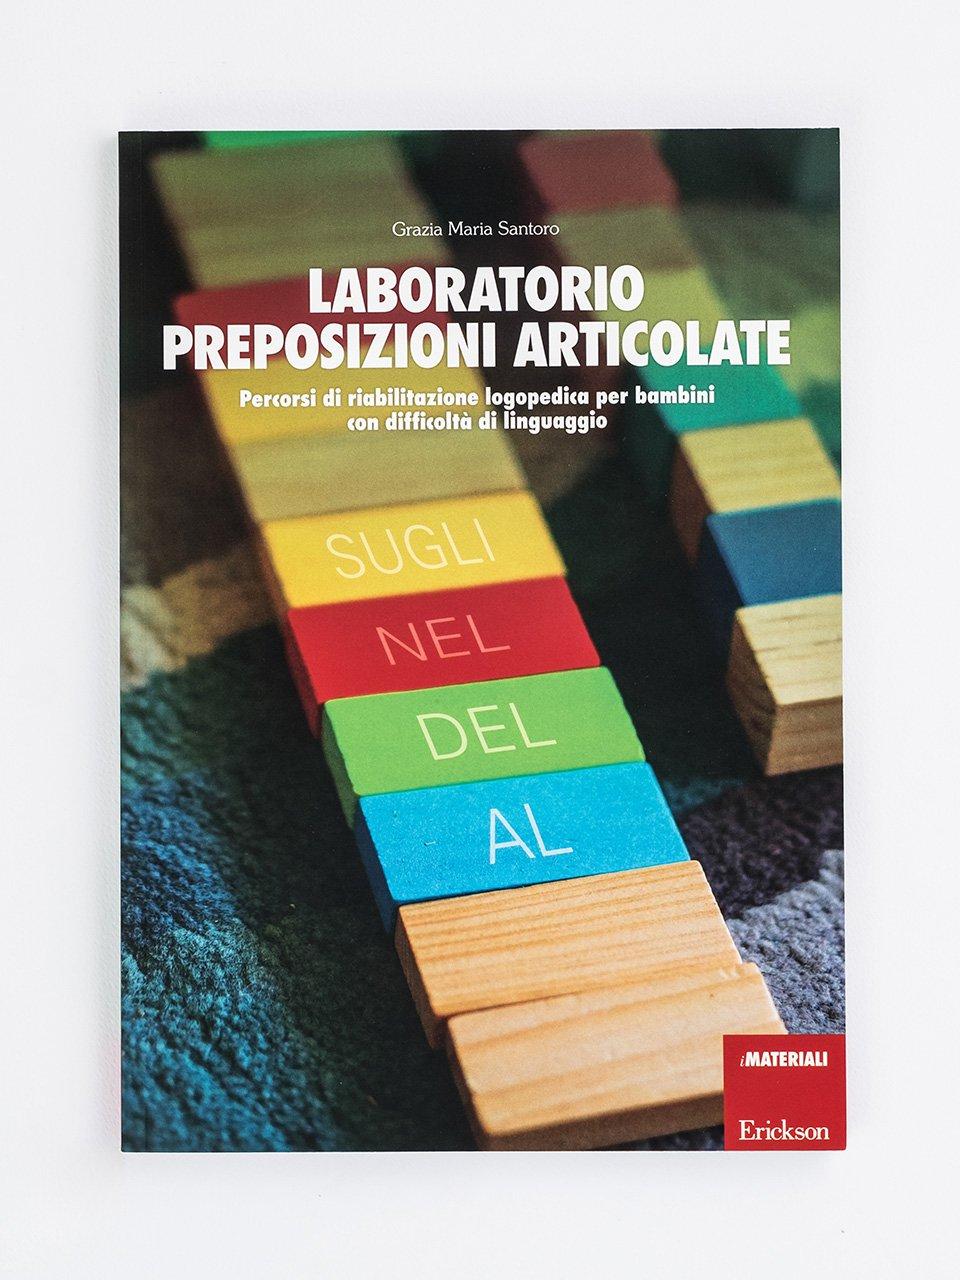 Laboratorio preposizioni articolate - Competenze in azione! - Classe quarta - Area lingu - Libri - Erickson